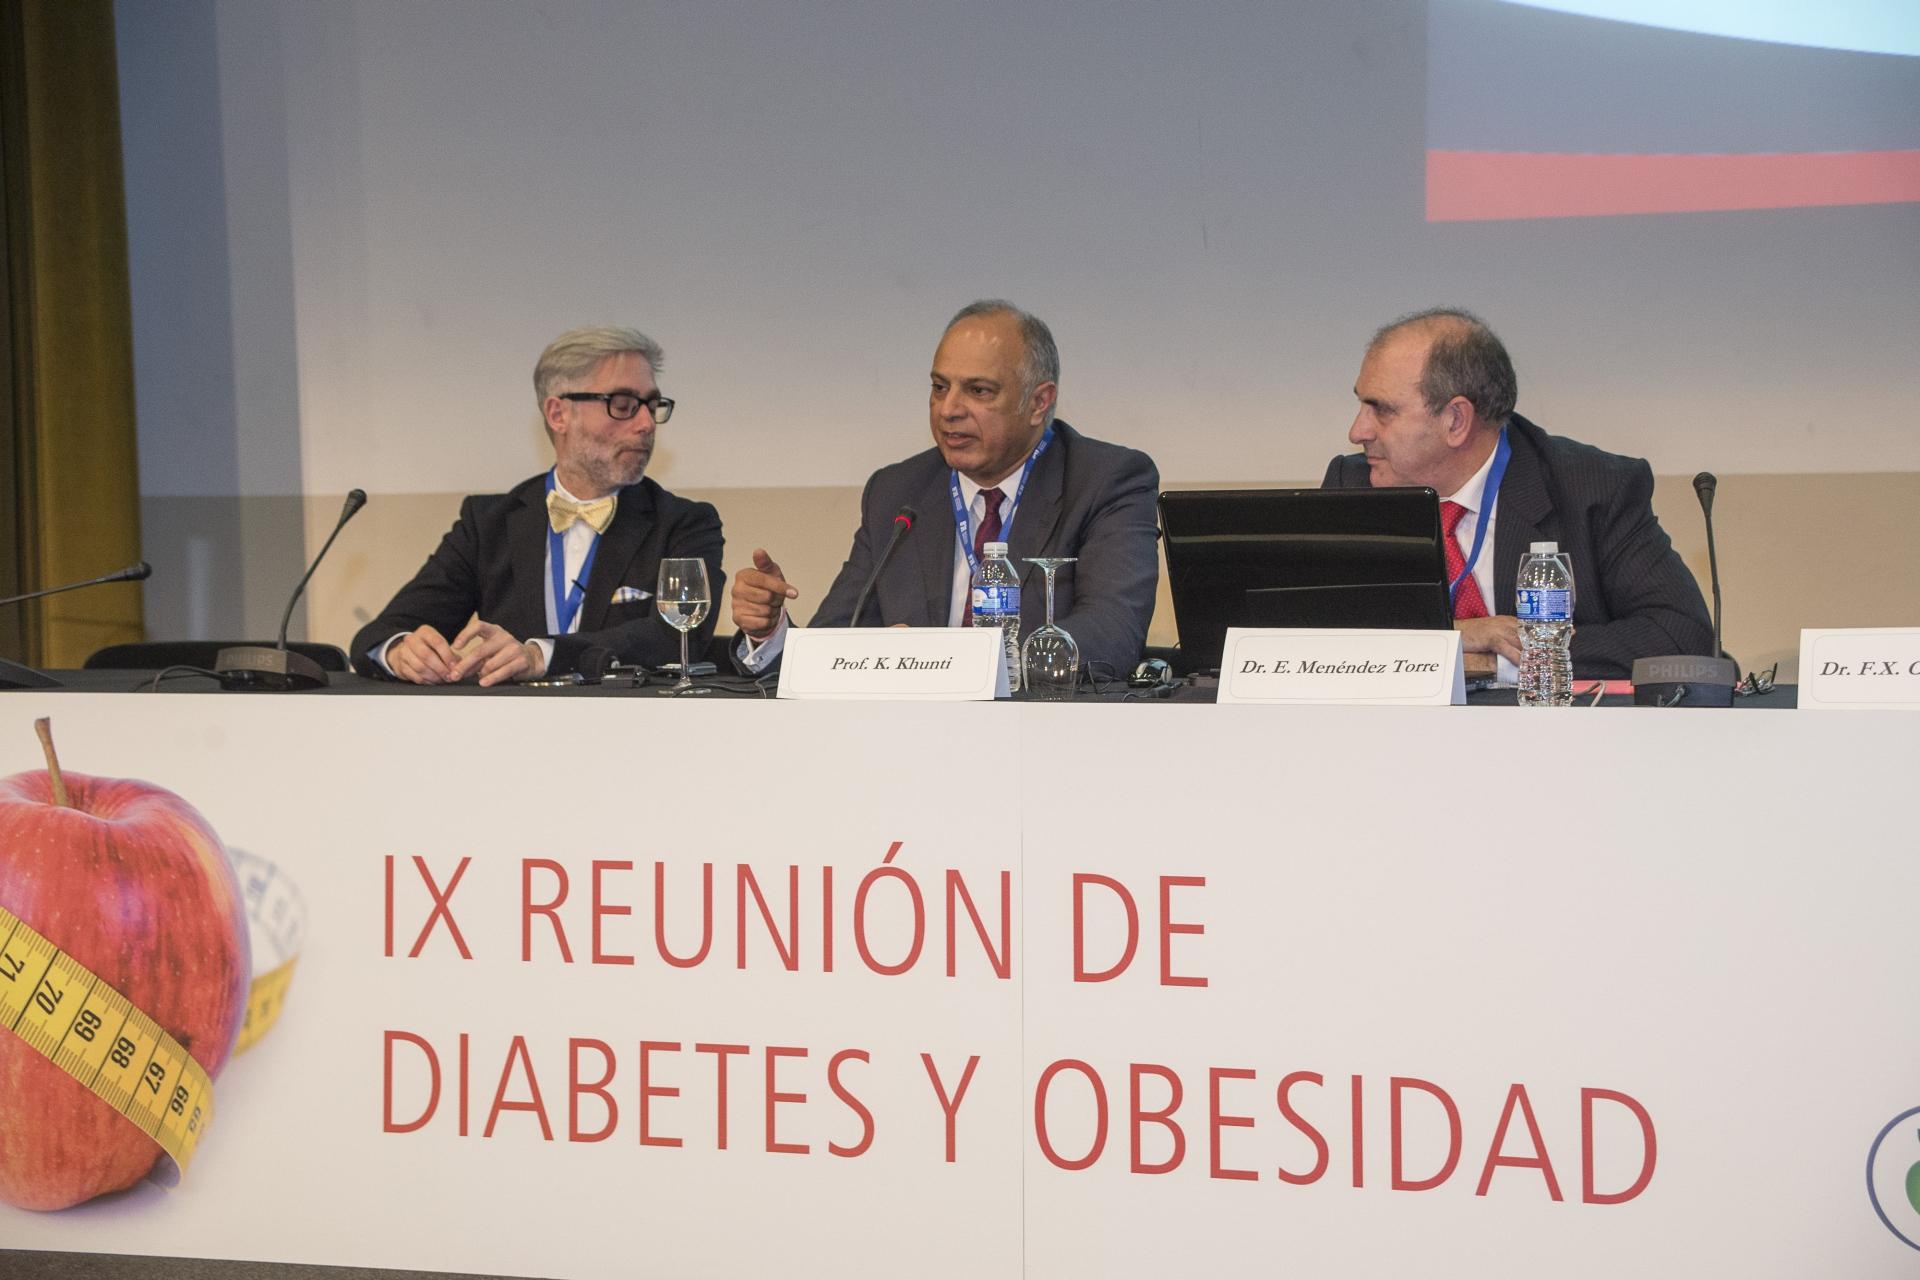 Im genes de la ix reuni n de diabetes y obesidad - Busco trabajo de pintor en madrid ...